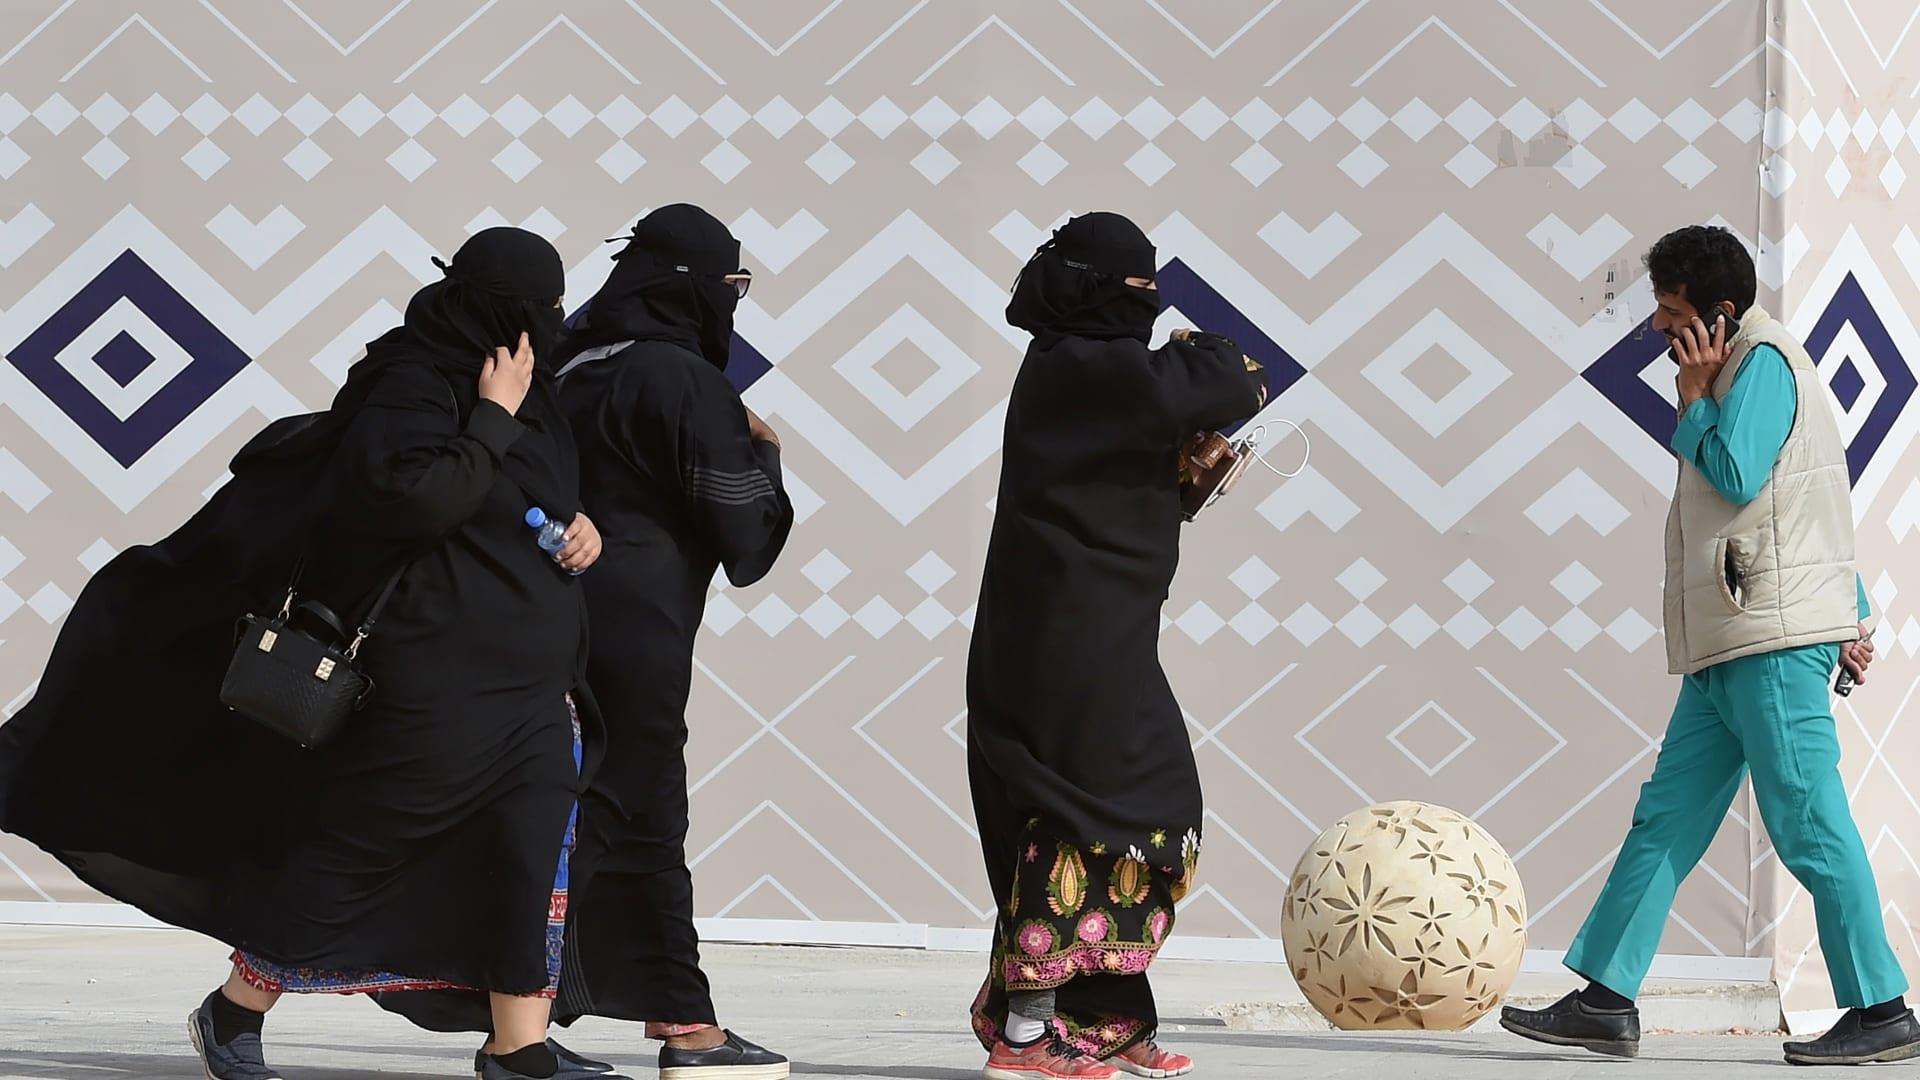 فيديو اعتداء شبان على بائعة سعودية يثير غضبا على تويتر.. ومغردون يطالبون السلطات بالتدخل